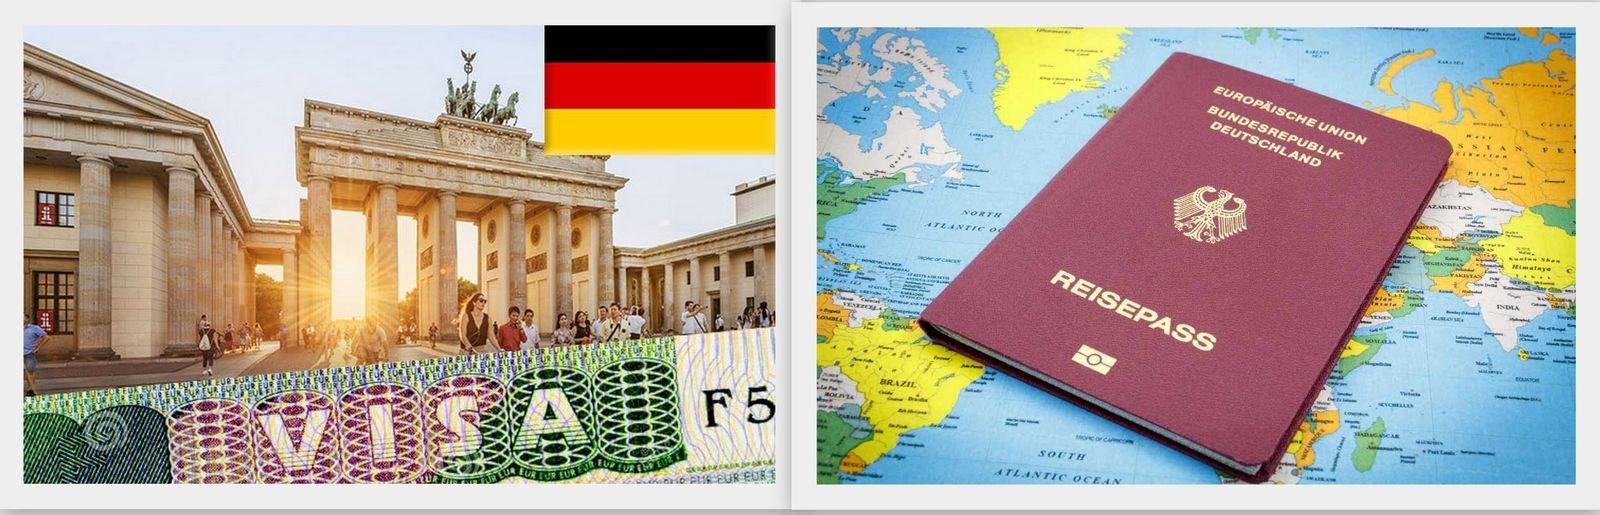 Виза и гражданство Германии в браке с немцем